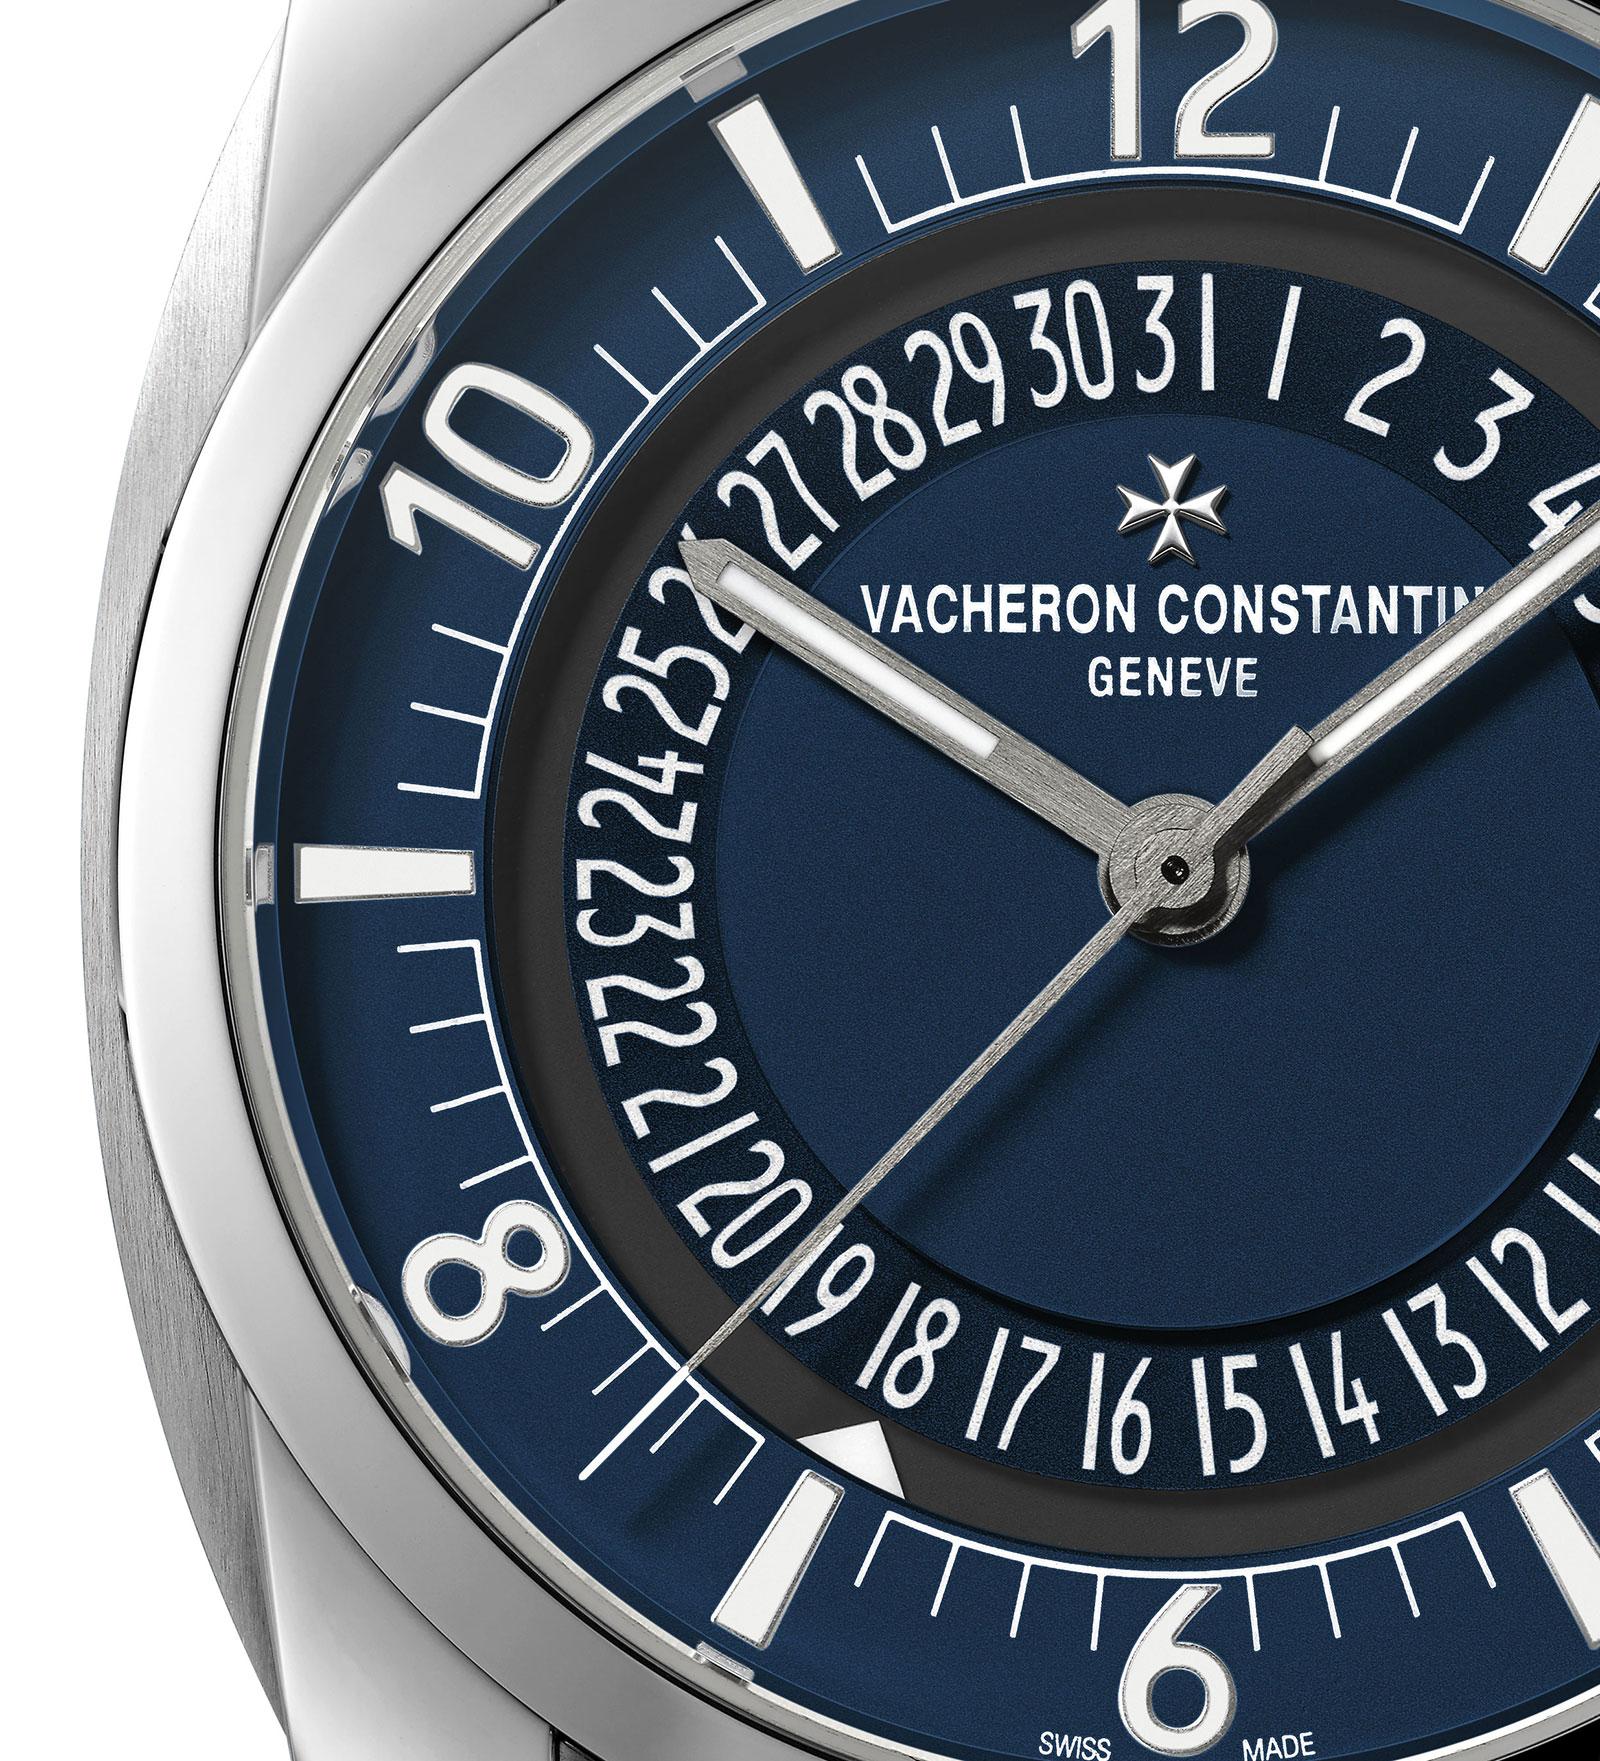 Vacheron Constantin Quai de l'Ile steel blue dial 1